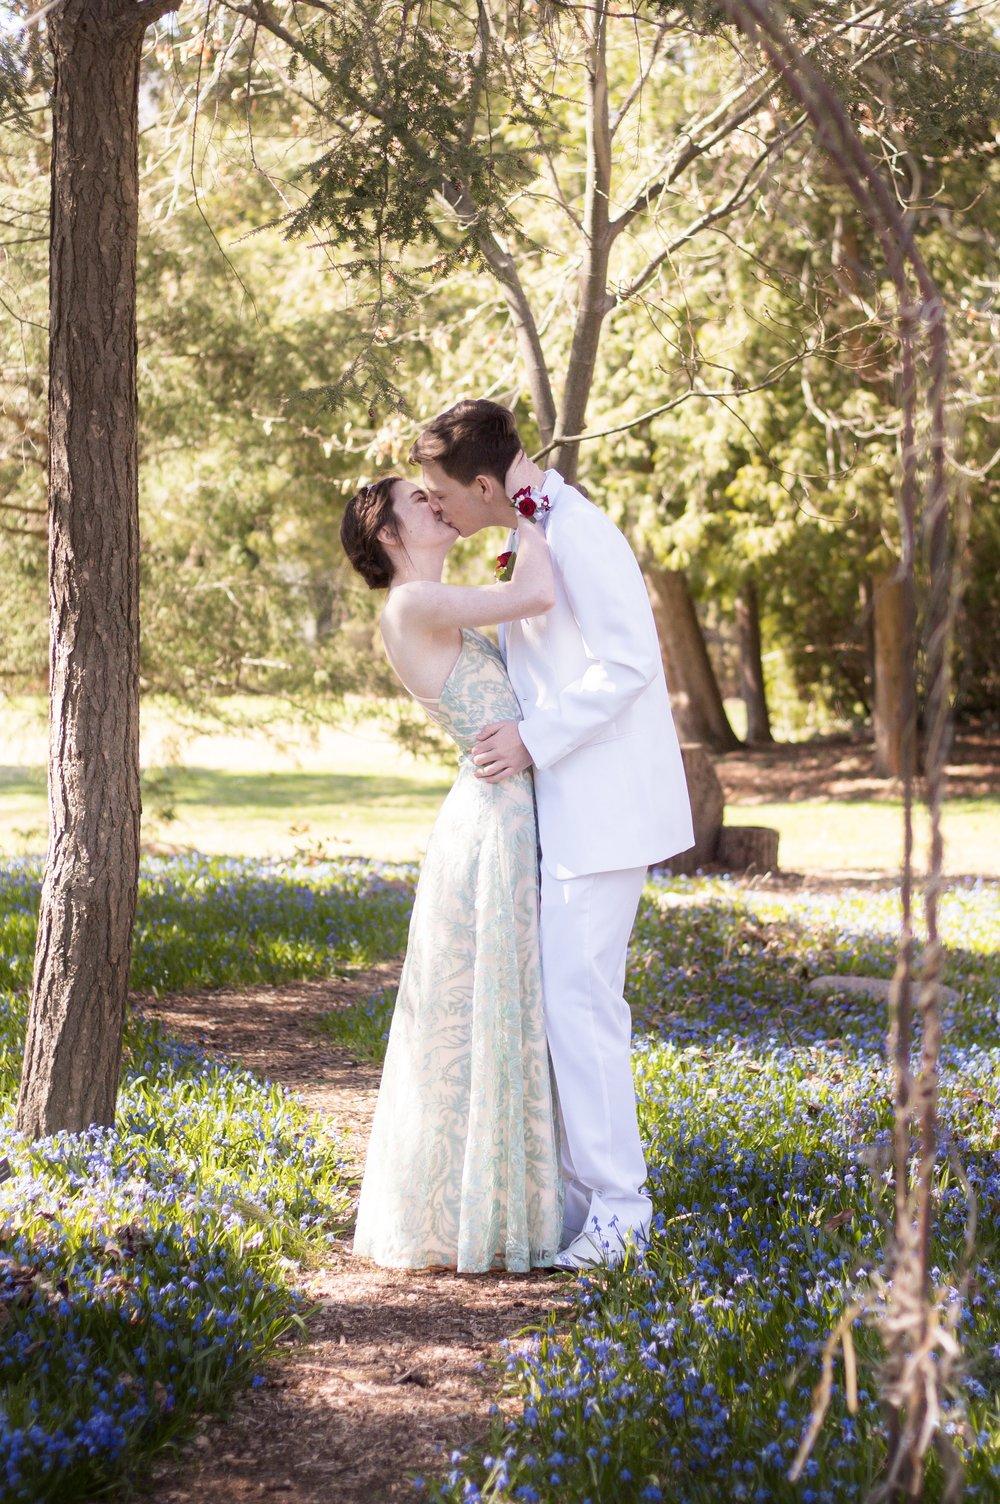 Prom Thomas and Em Thomas (43).jpg